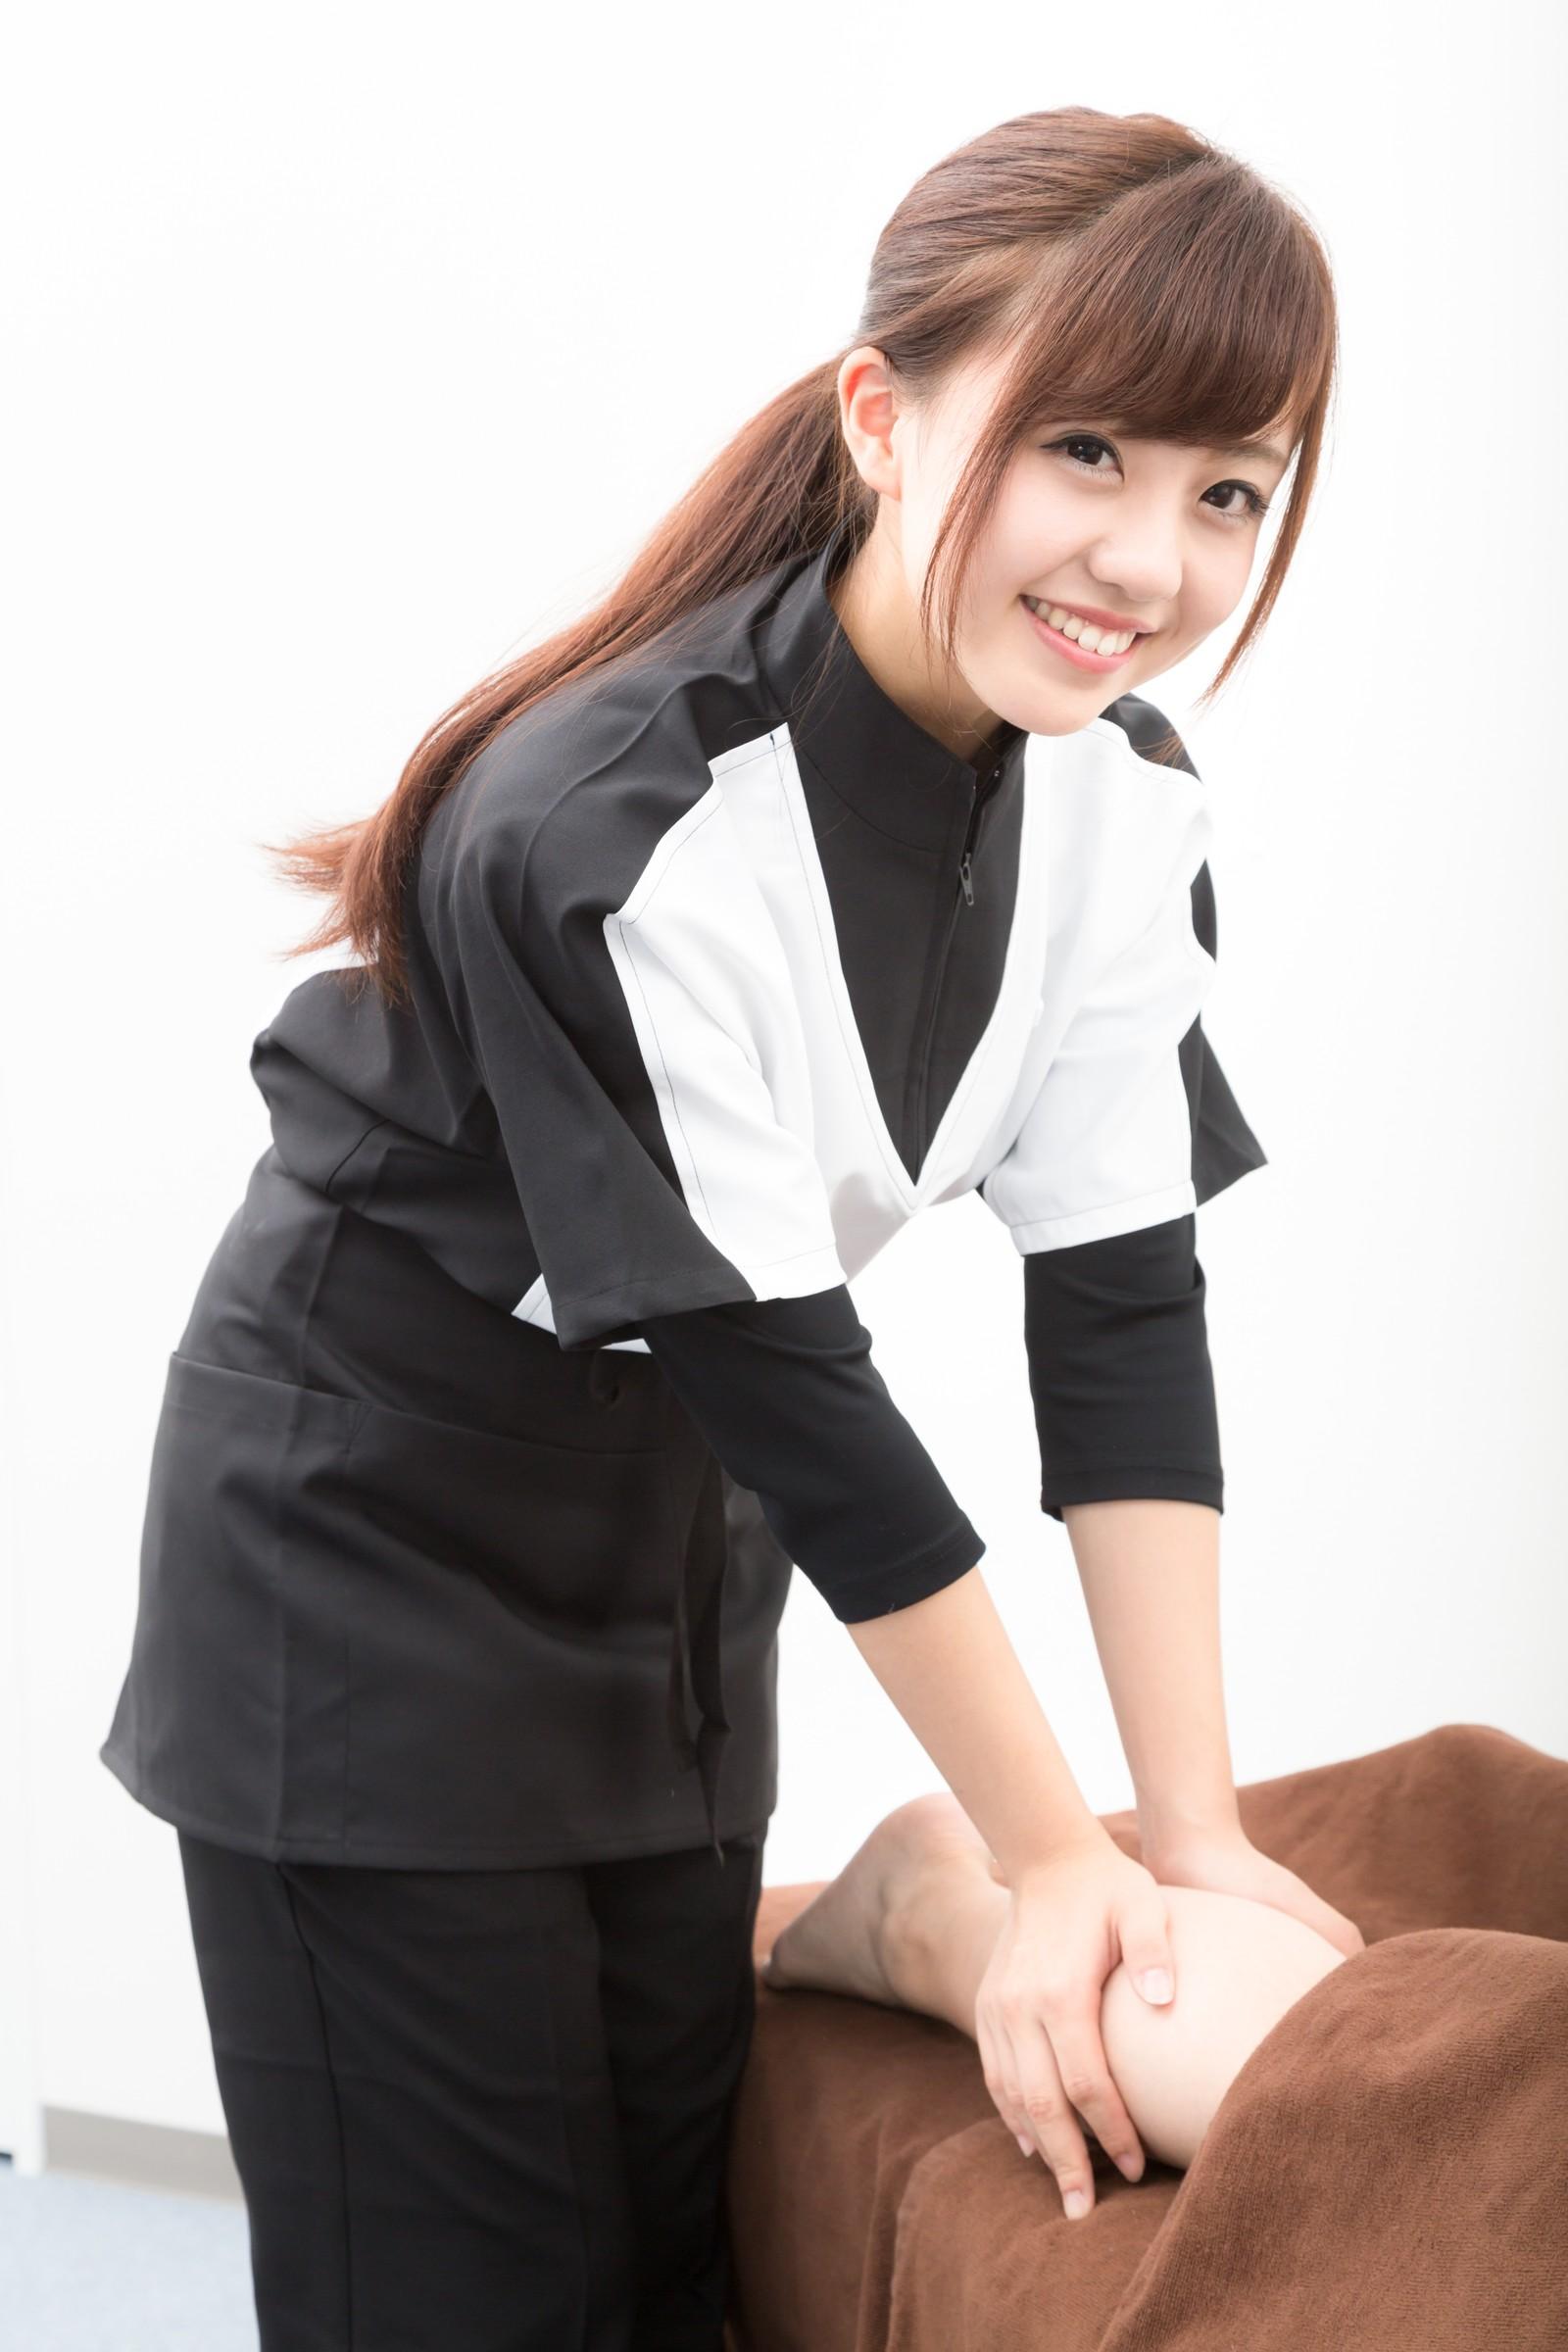 千葉で脱毛するならミュゼ千葉店【予約可】千葉市中央区富士見|千葉駅